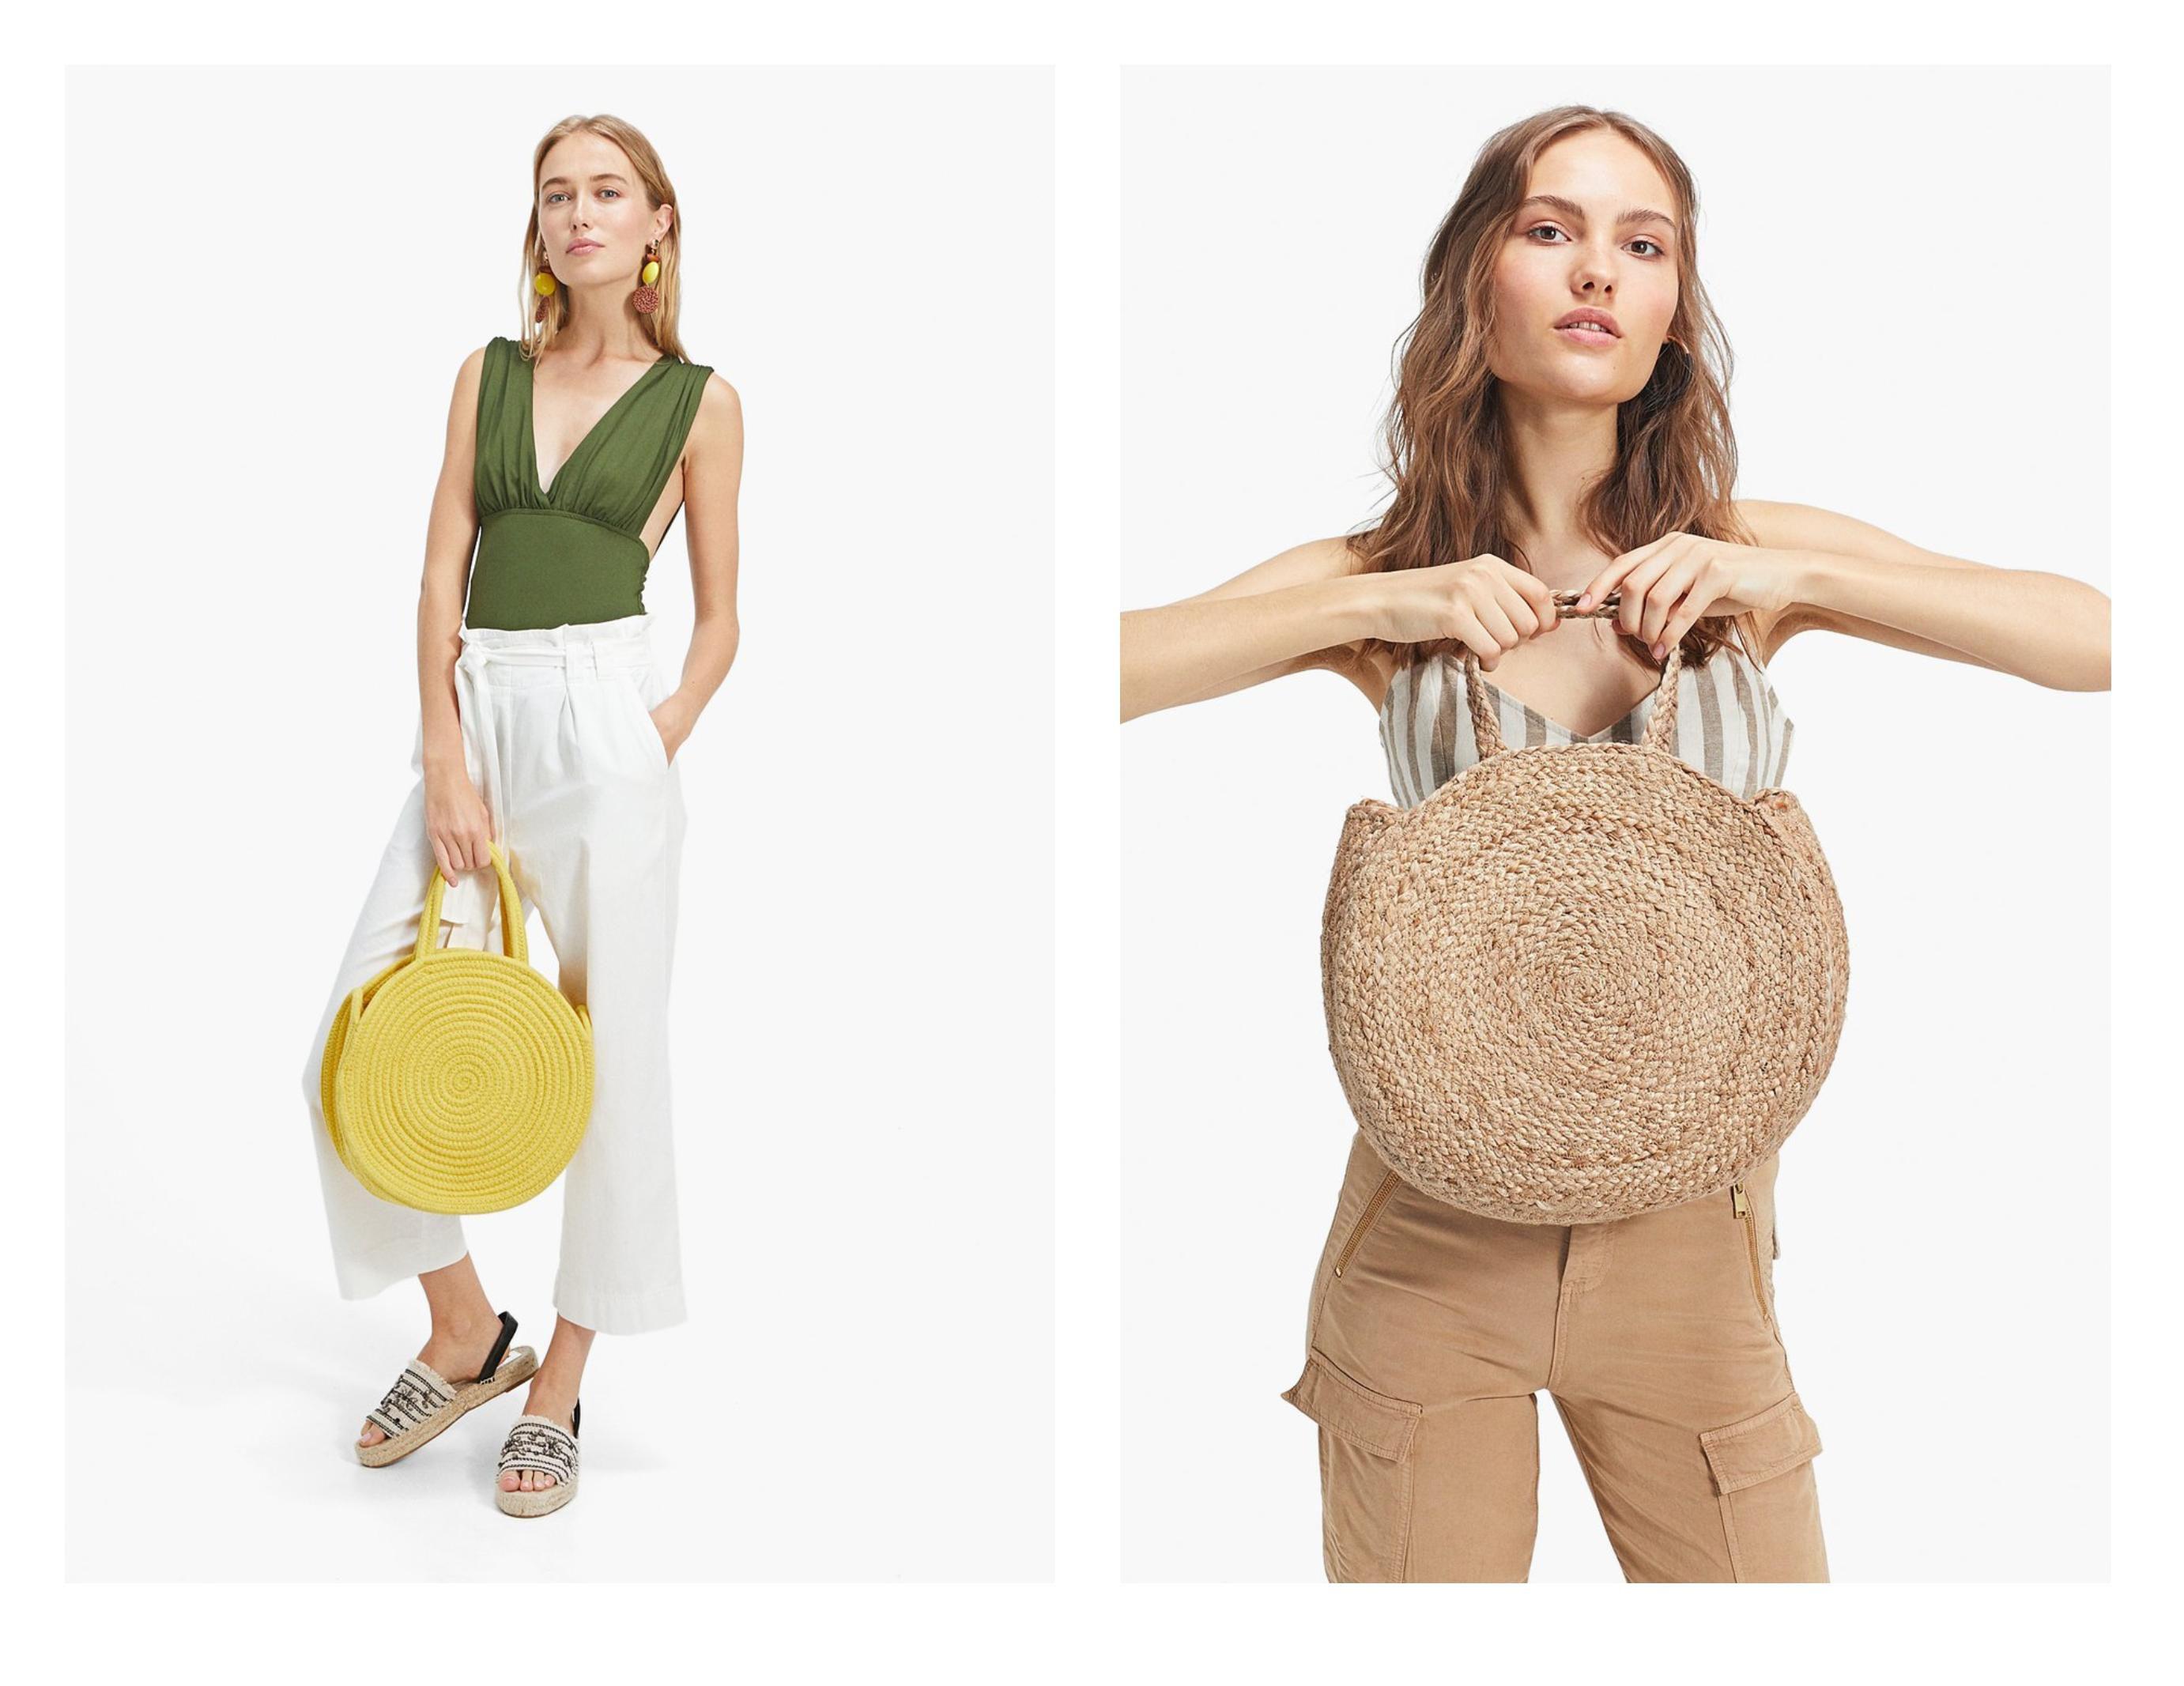 Ovog ljeta nose se okrugle torbe - izabrali smo najljepše iz ponude high street trgovina!